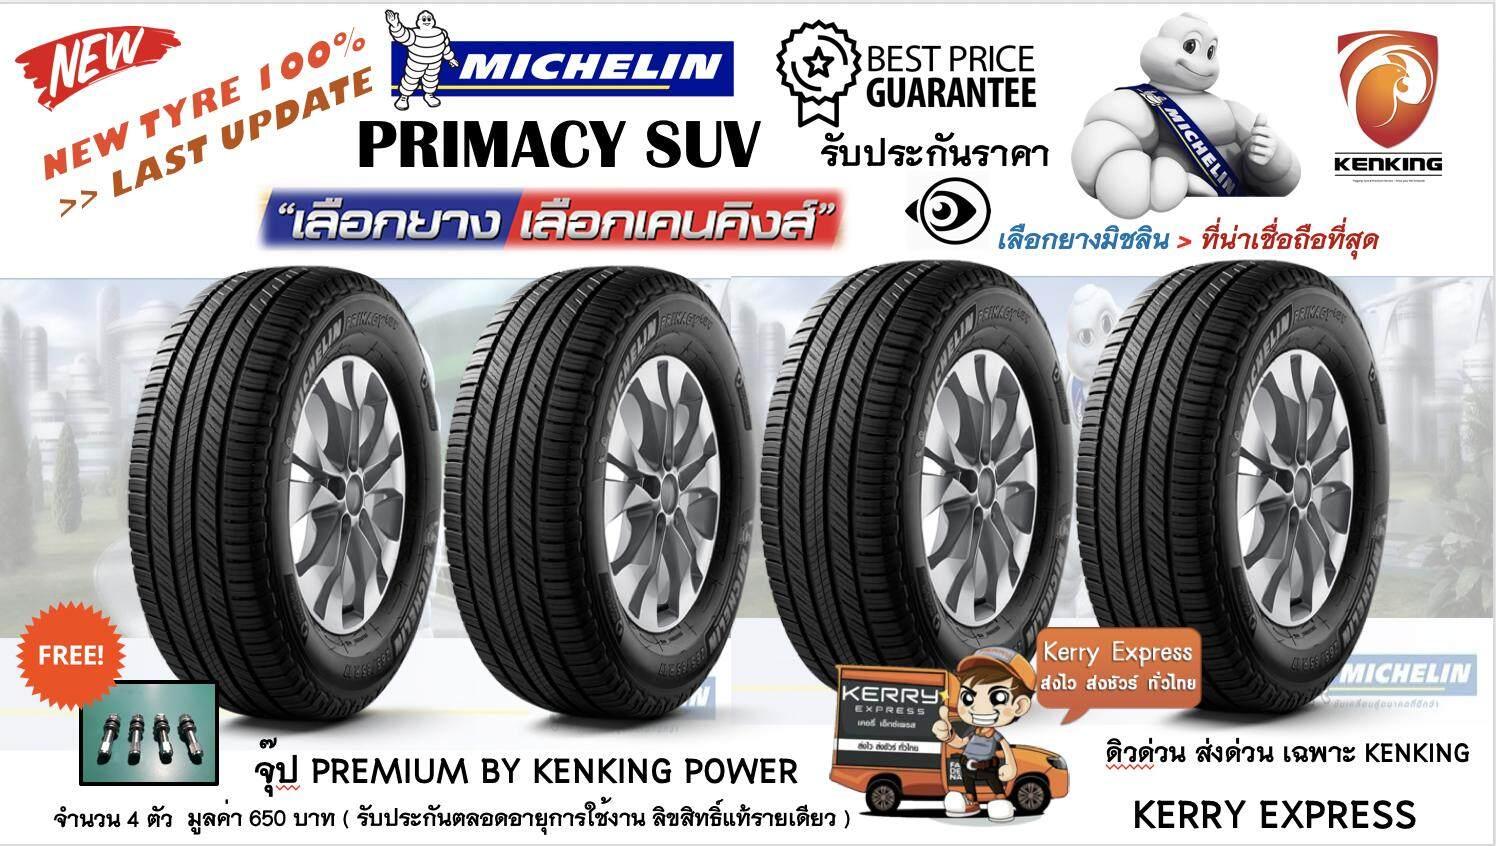 ประกันภัย รถยนต์ 2+ ชัยนาท ยางรถยนต์ขอบ16 Michelin   245/70 R16 Primacy SUV NEW!! ปี 2019 (จำนวน 4 เส้น) ฟรี !! จุ๊ปแสตนเลส เกรด Premium มูลค่า 850 บาท